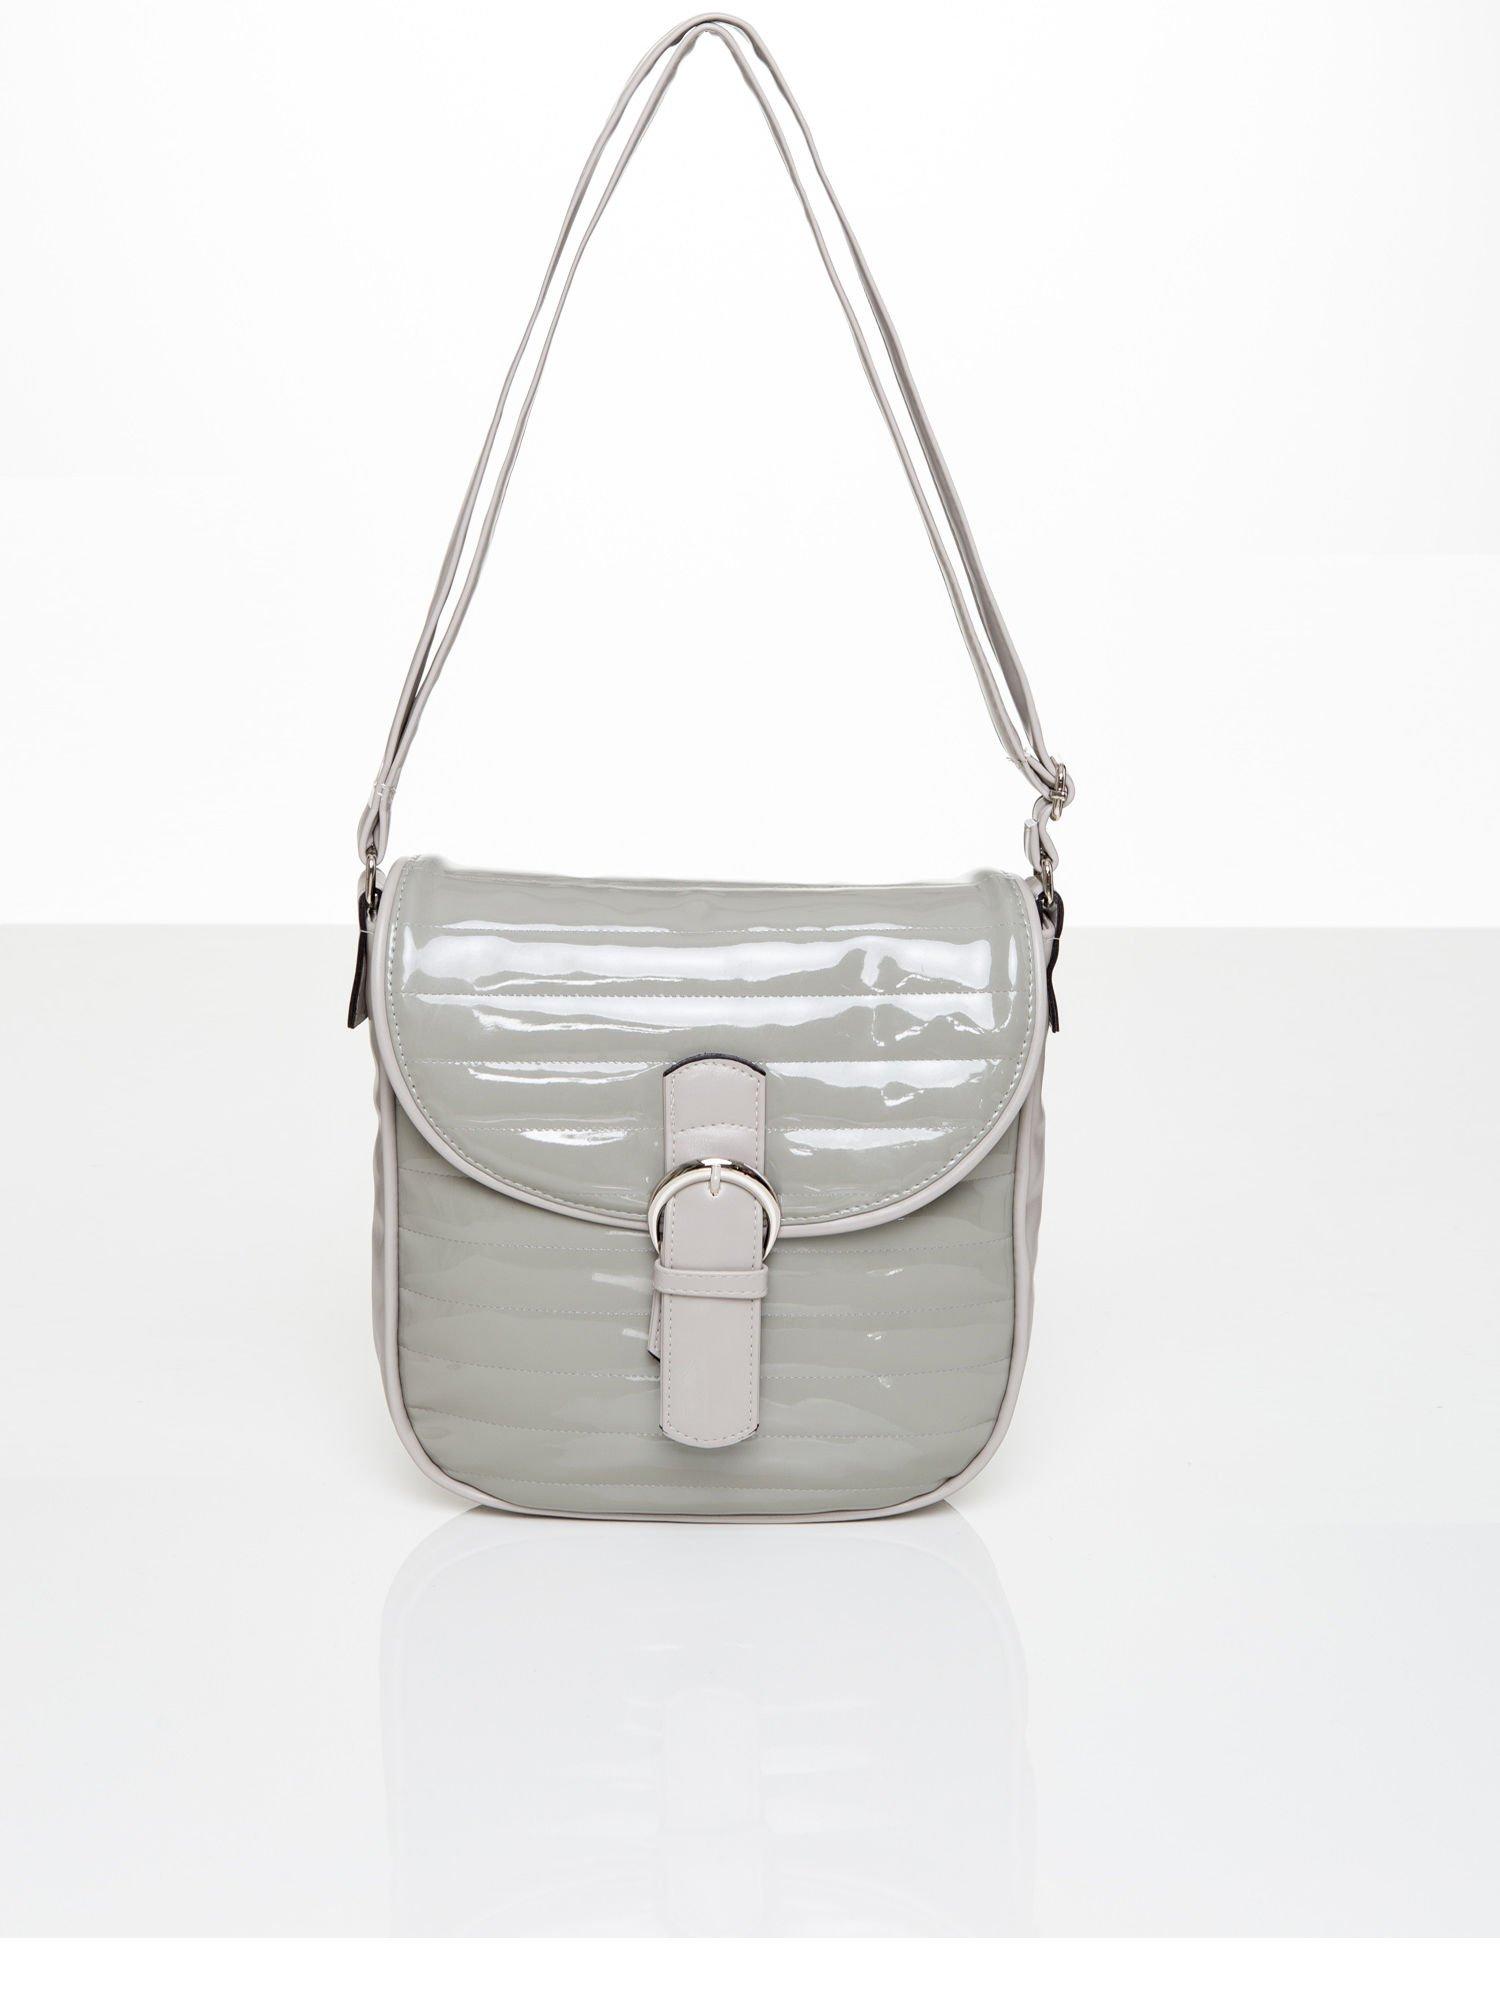 ed51be8cc940f Pikowana torba listonoszka na ramię lakierowana szara - Akcesoria torba -  sklep eButik.pl